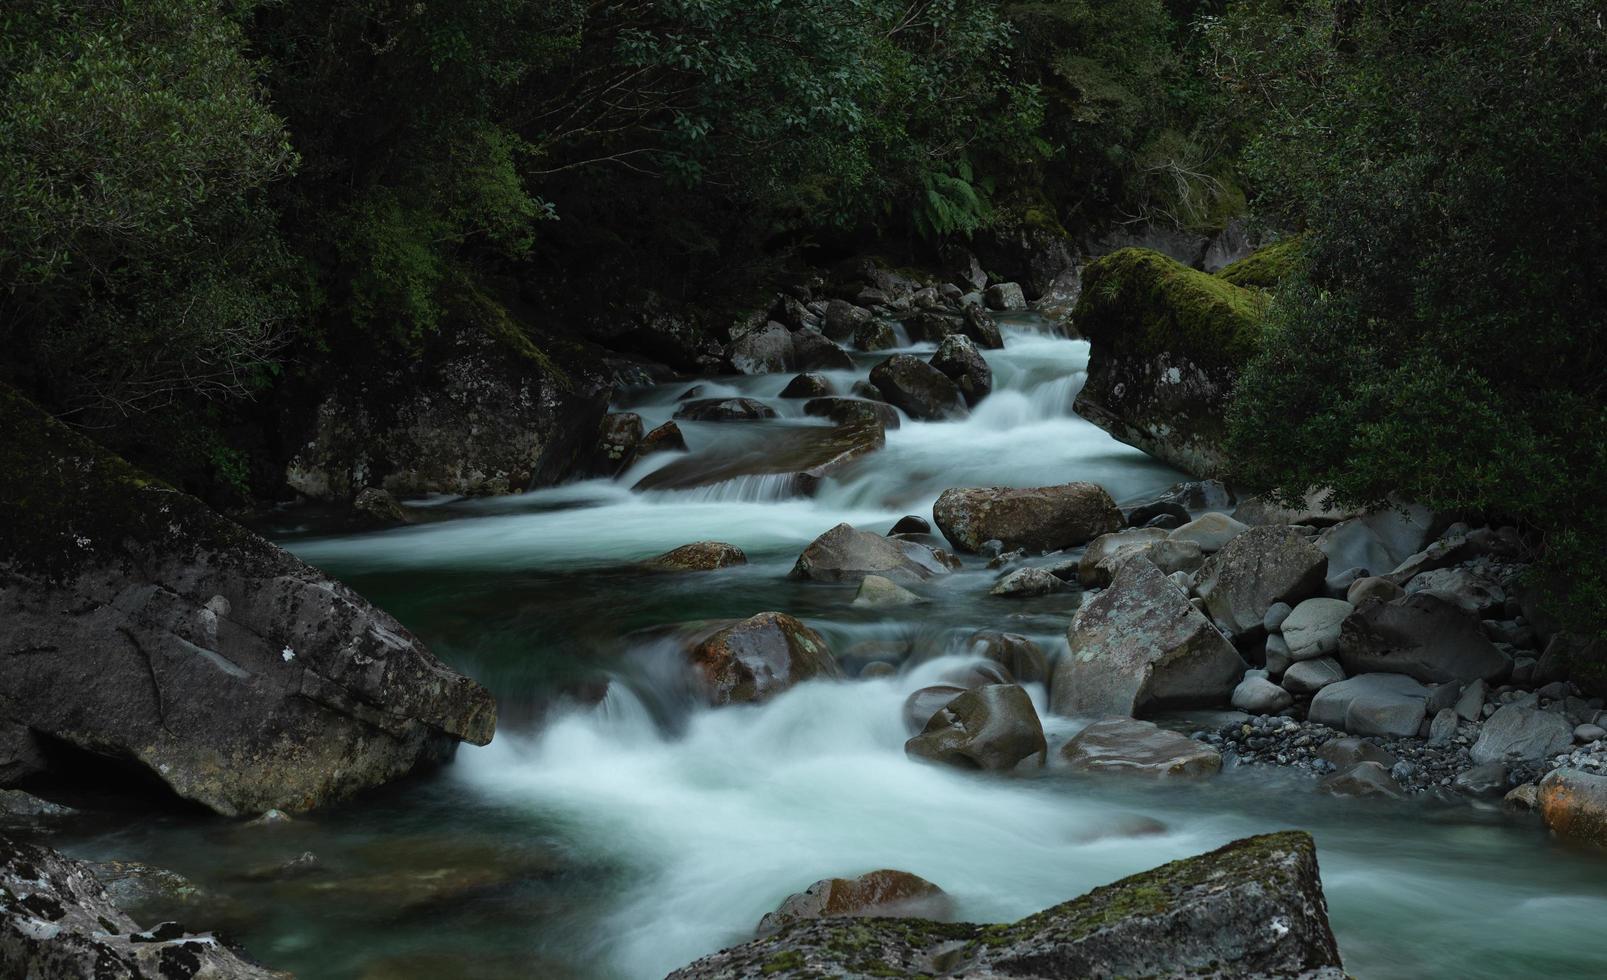 foto a lunga esposizione del fiume